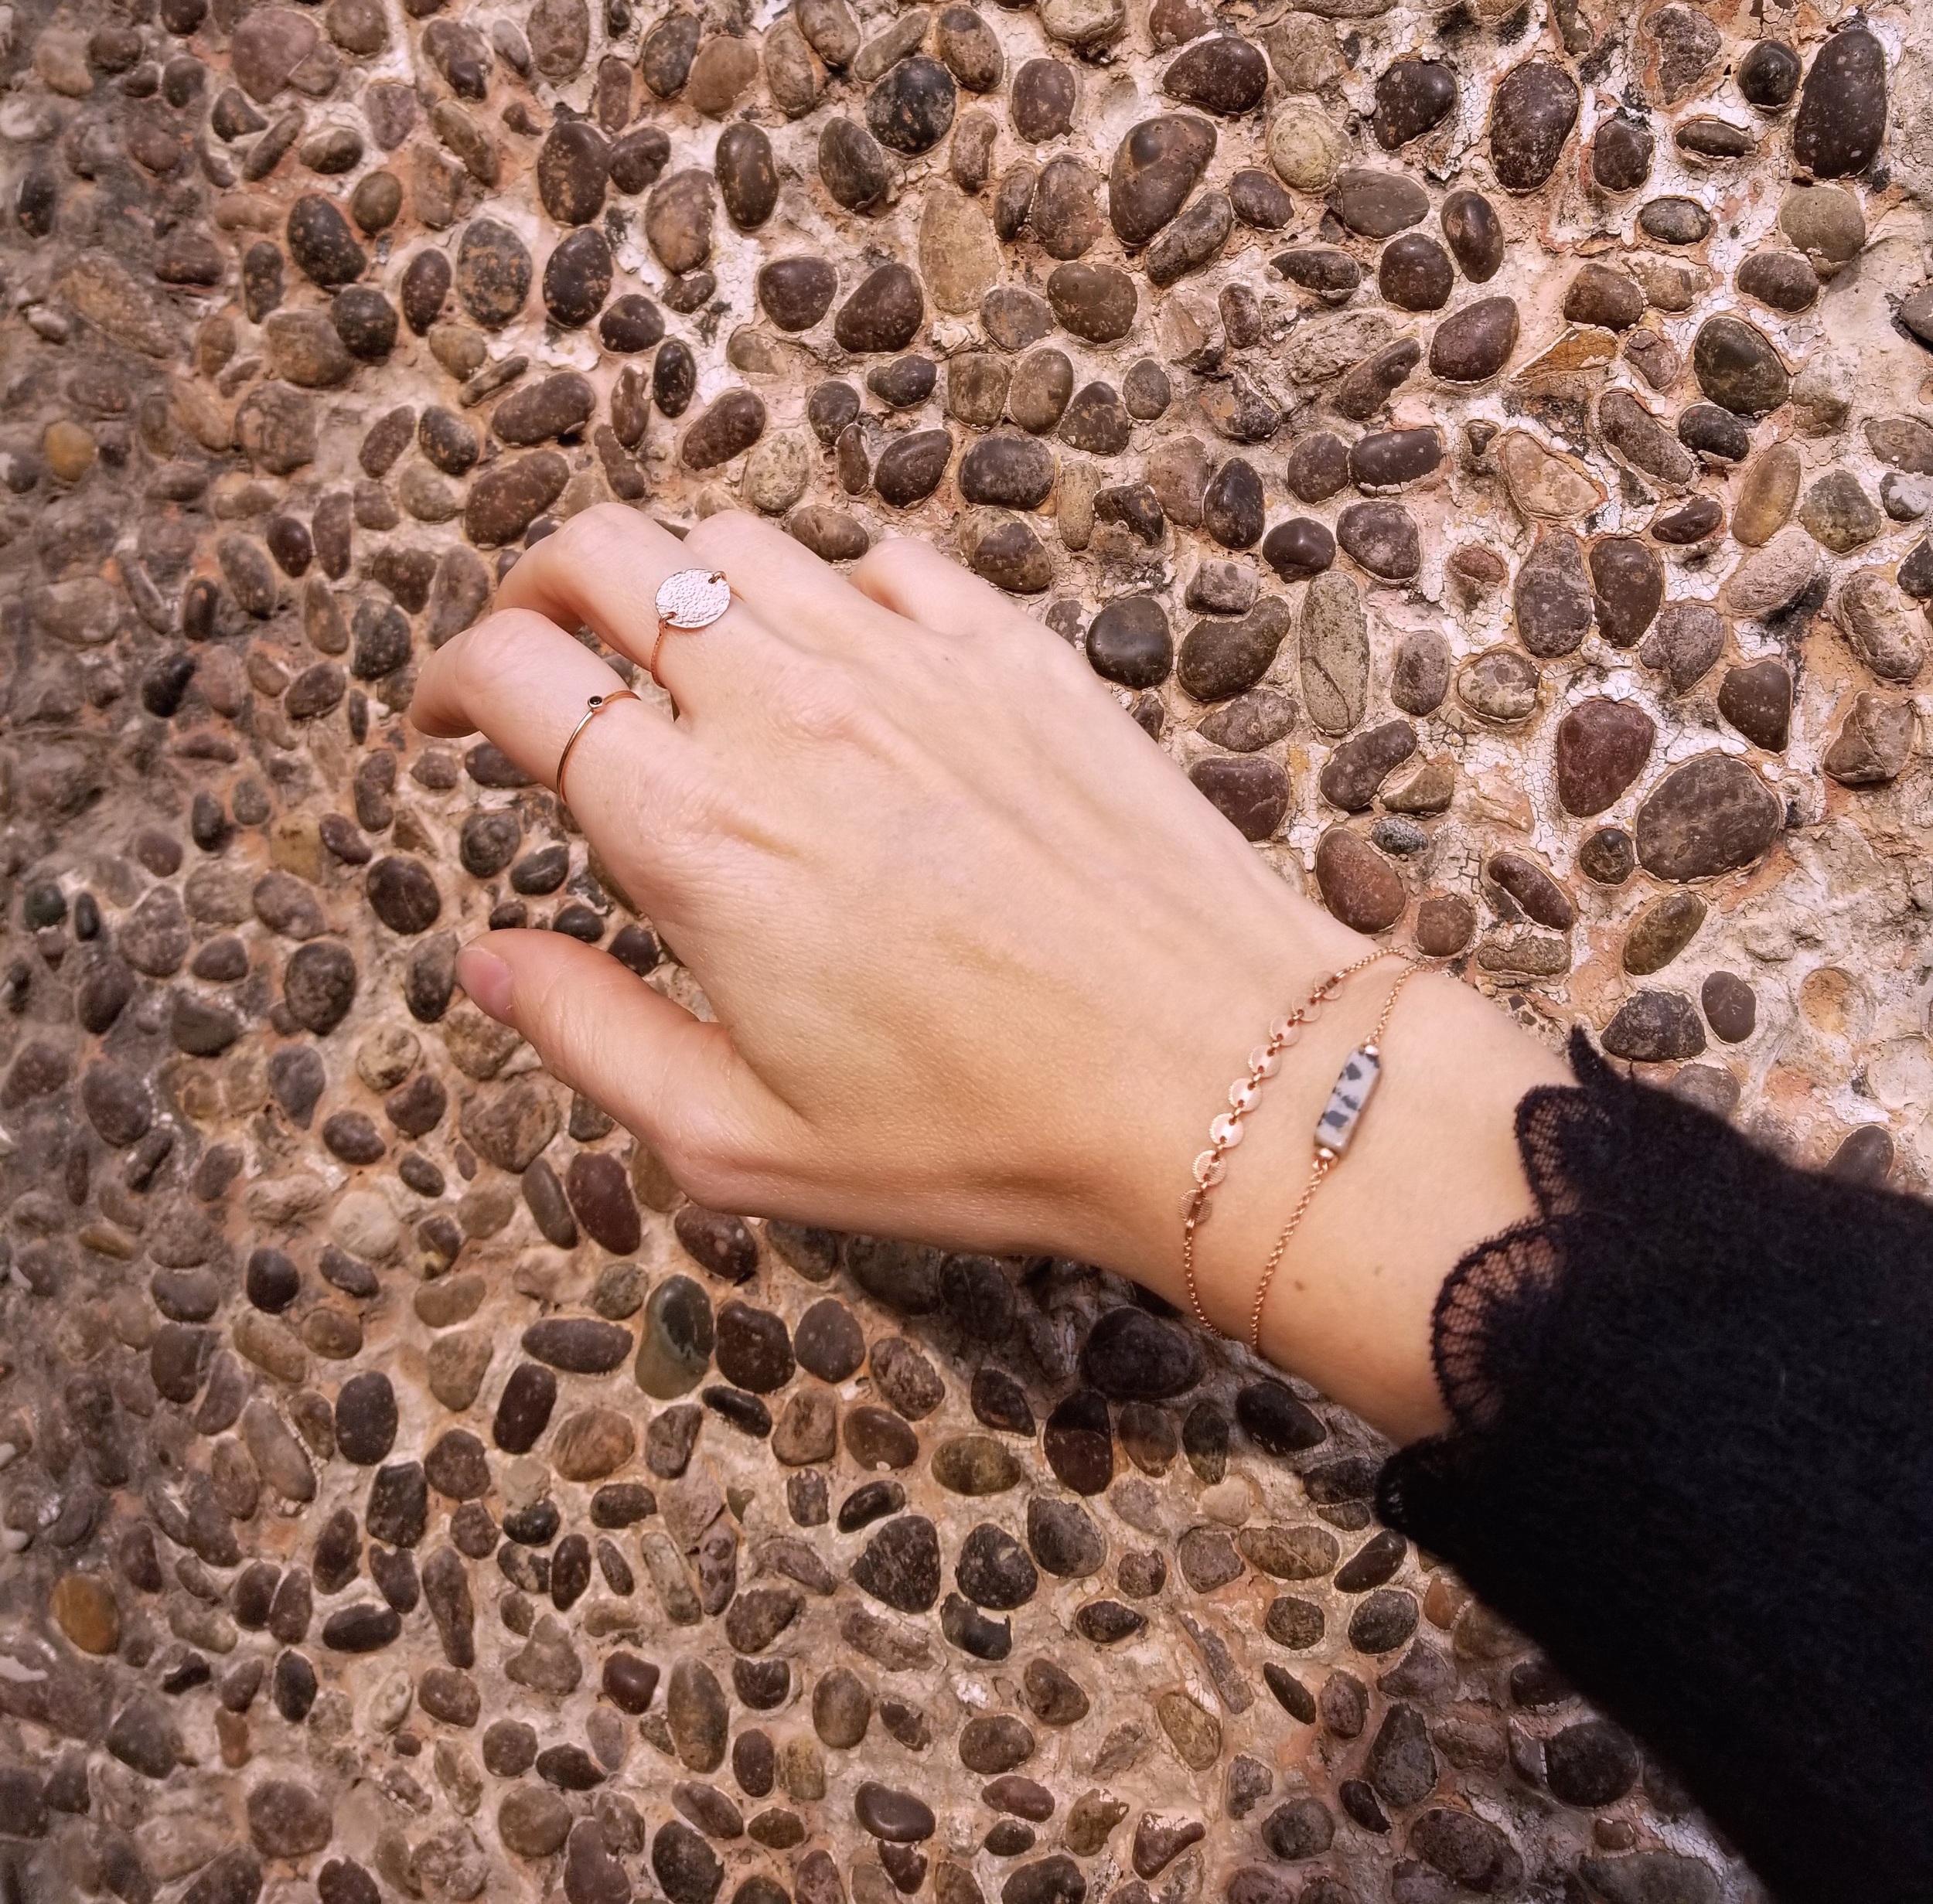 camille+hand+georgia.jpg